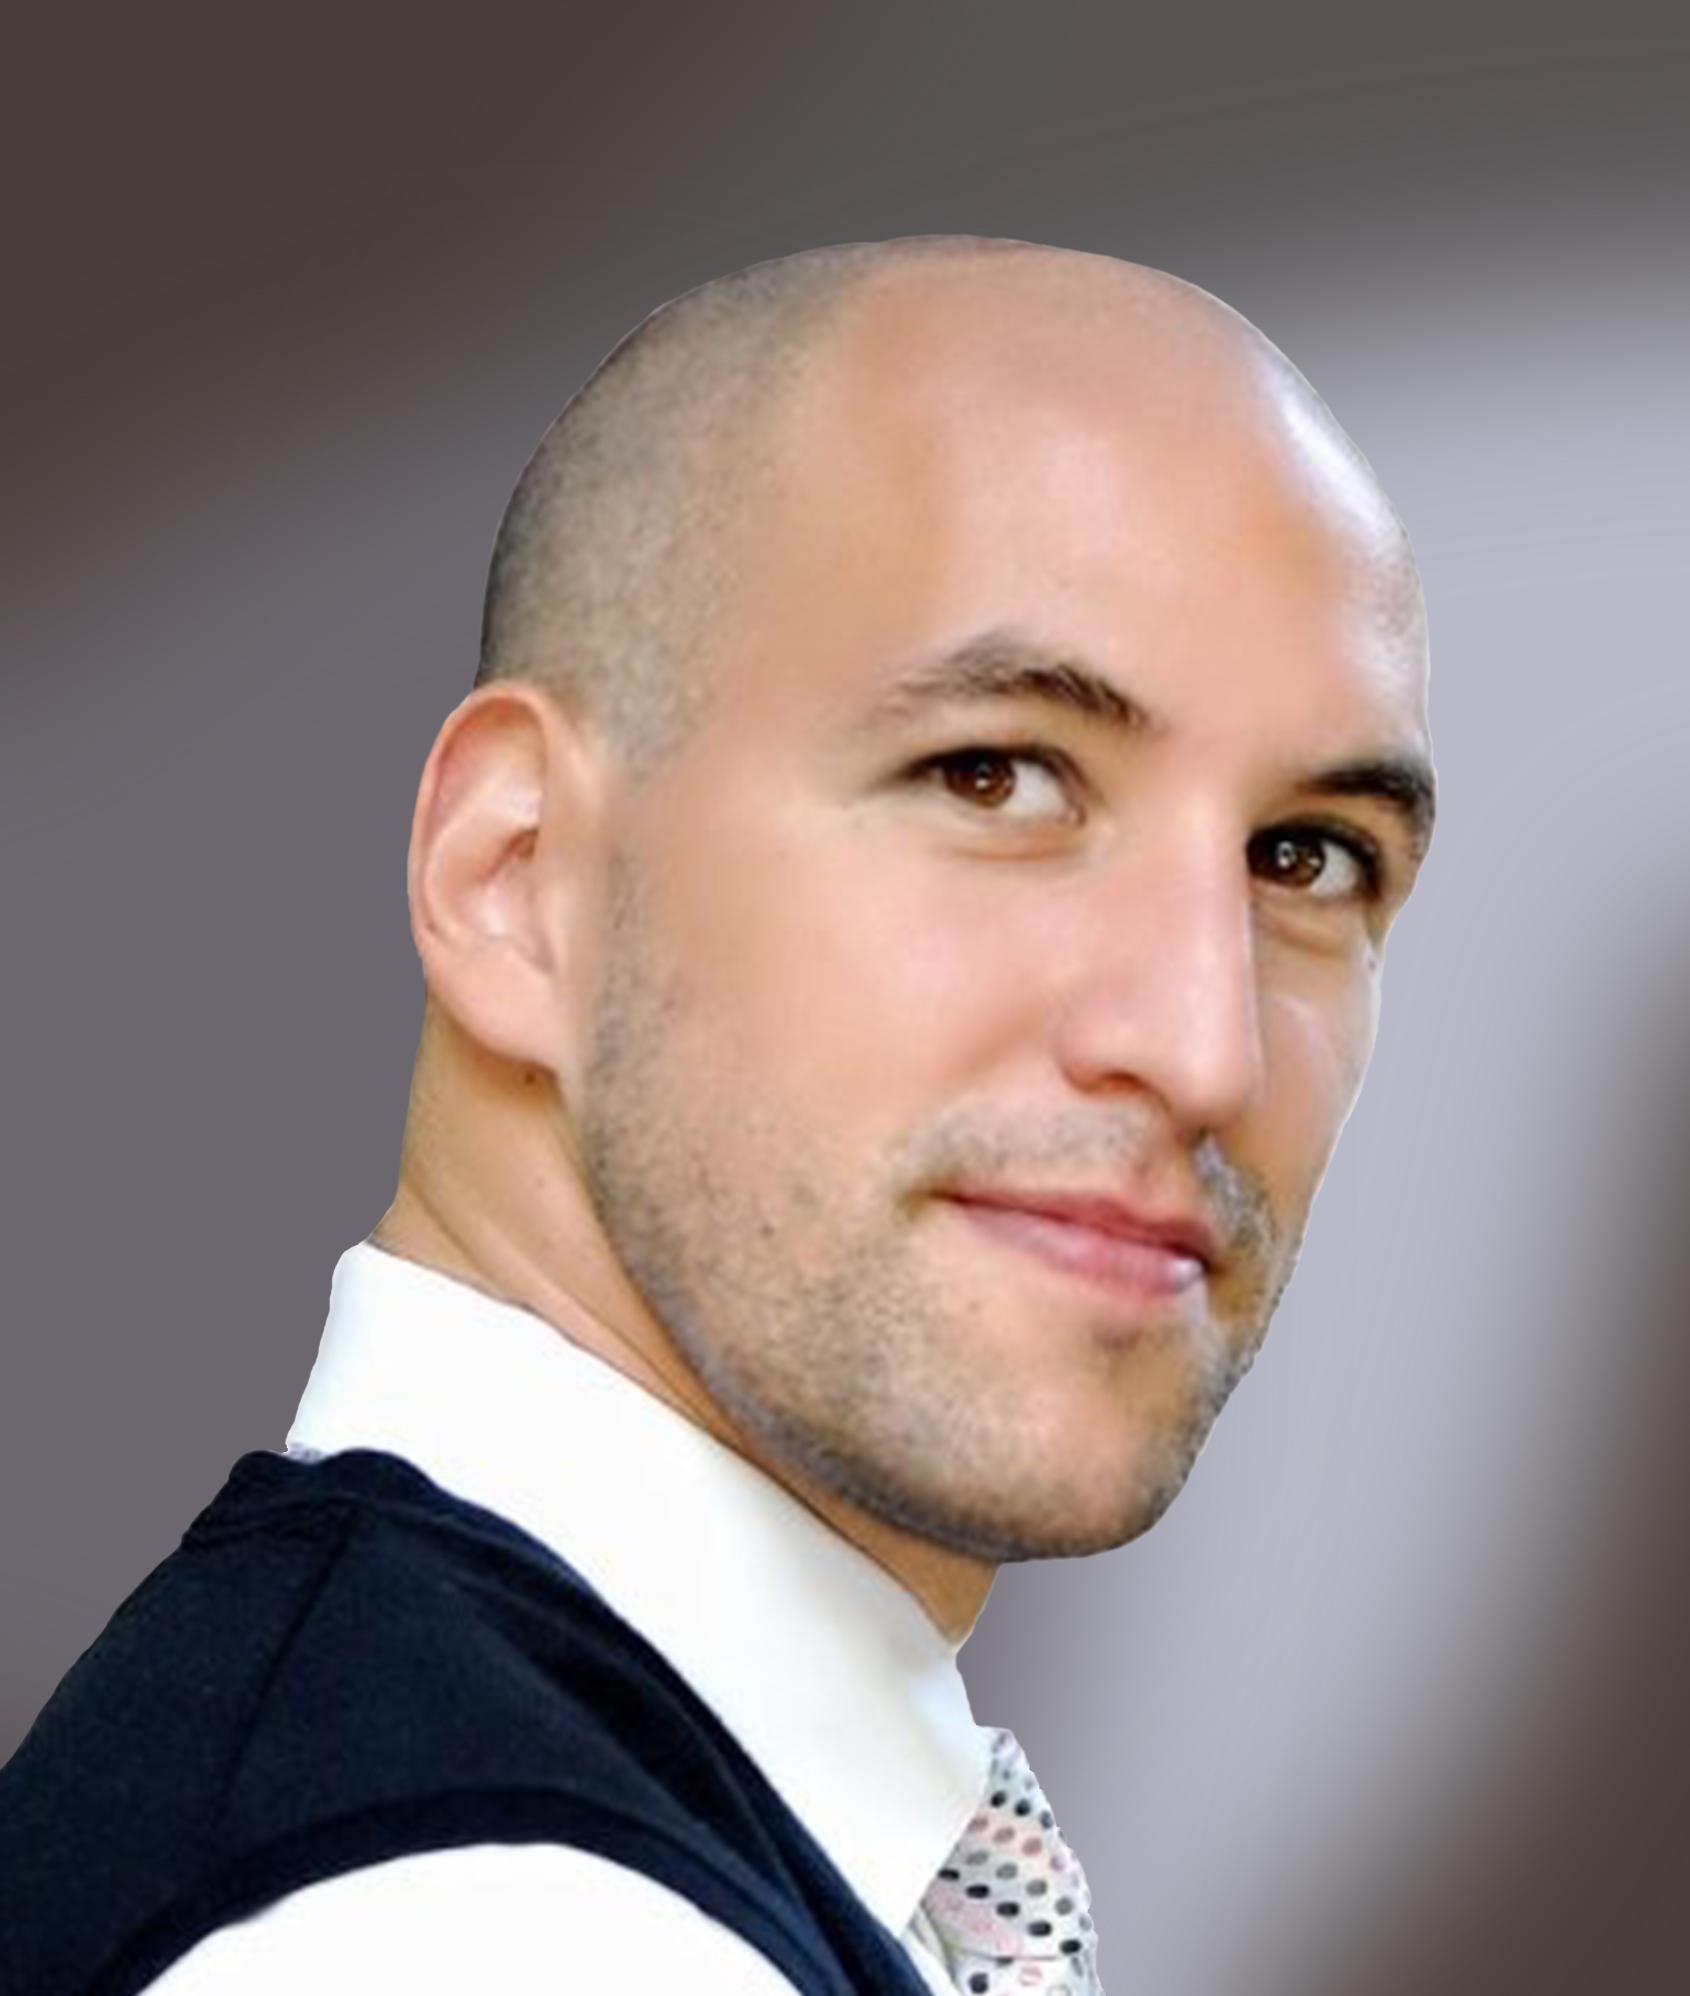 Pablo Neiman headshot